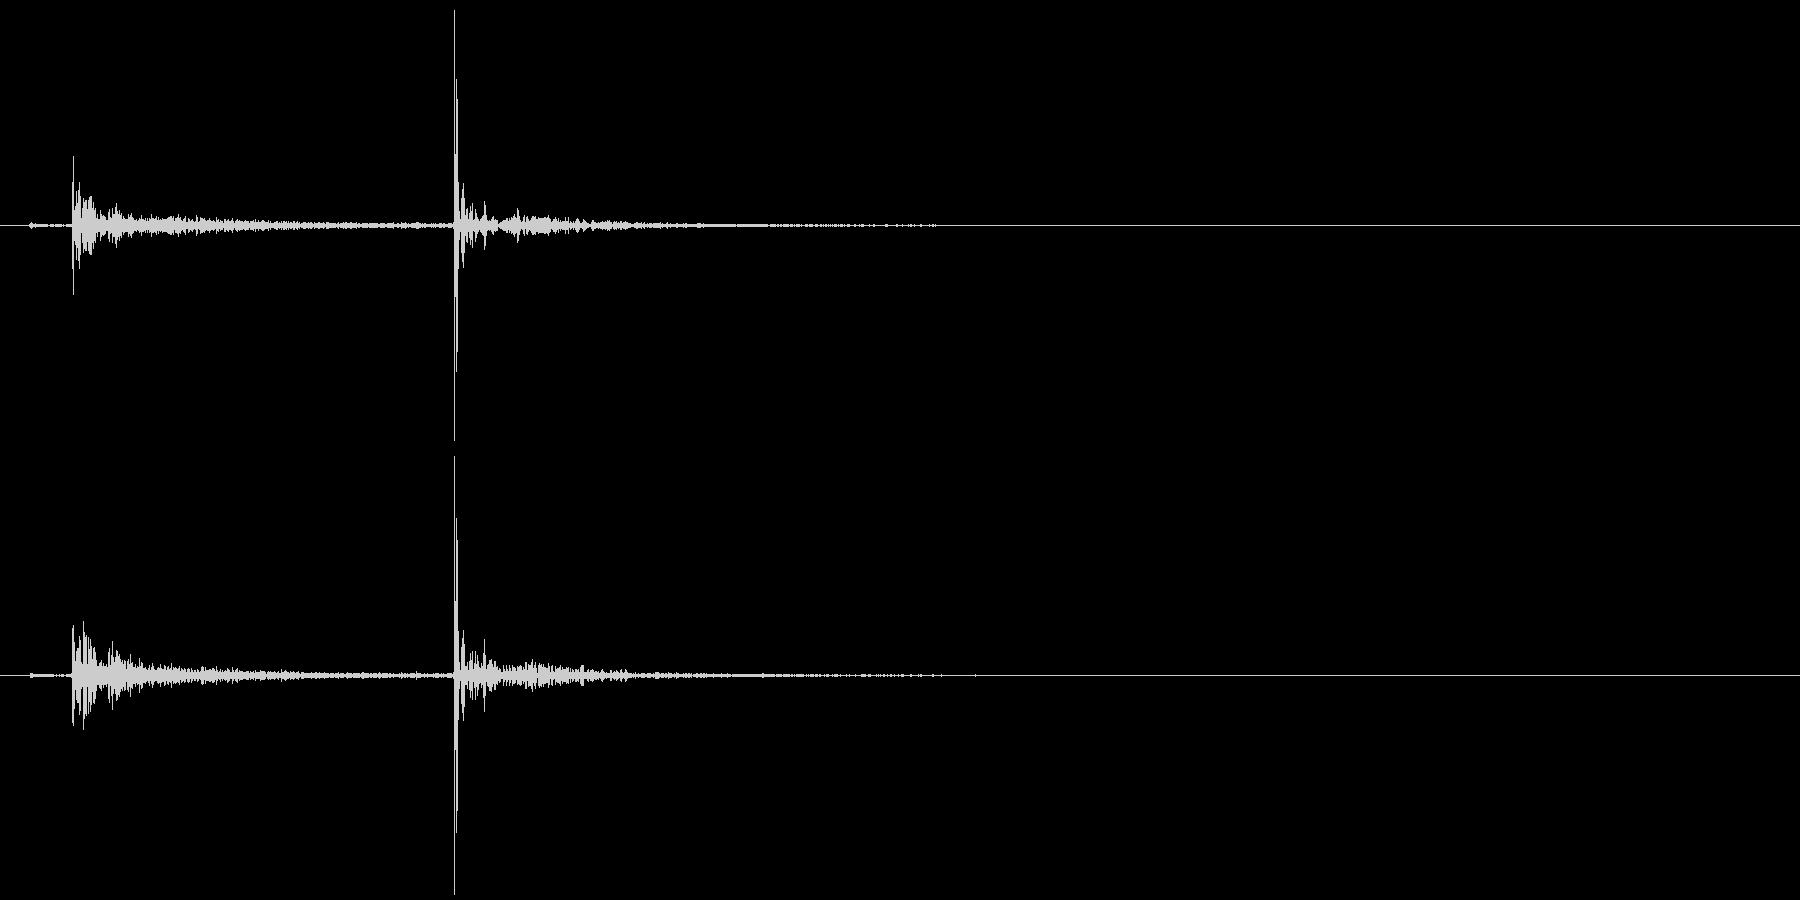 自動CO2ペイントボールマーカー:...の未再生の波形